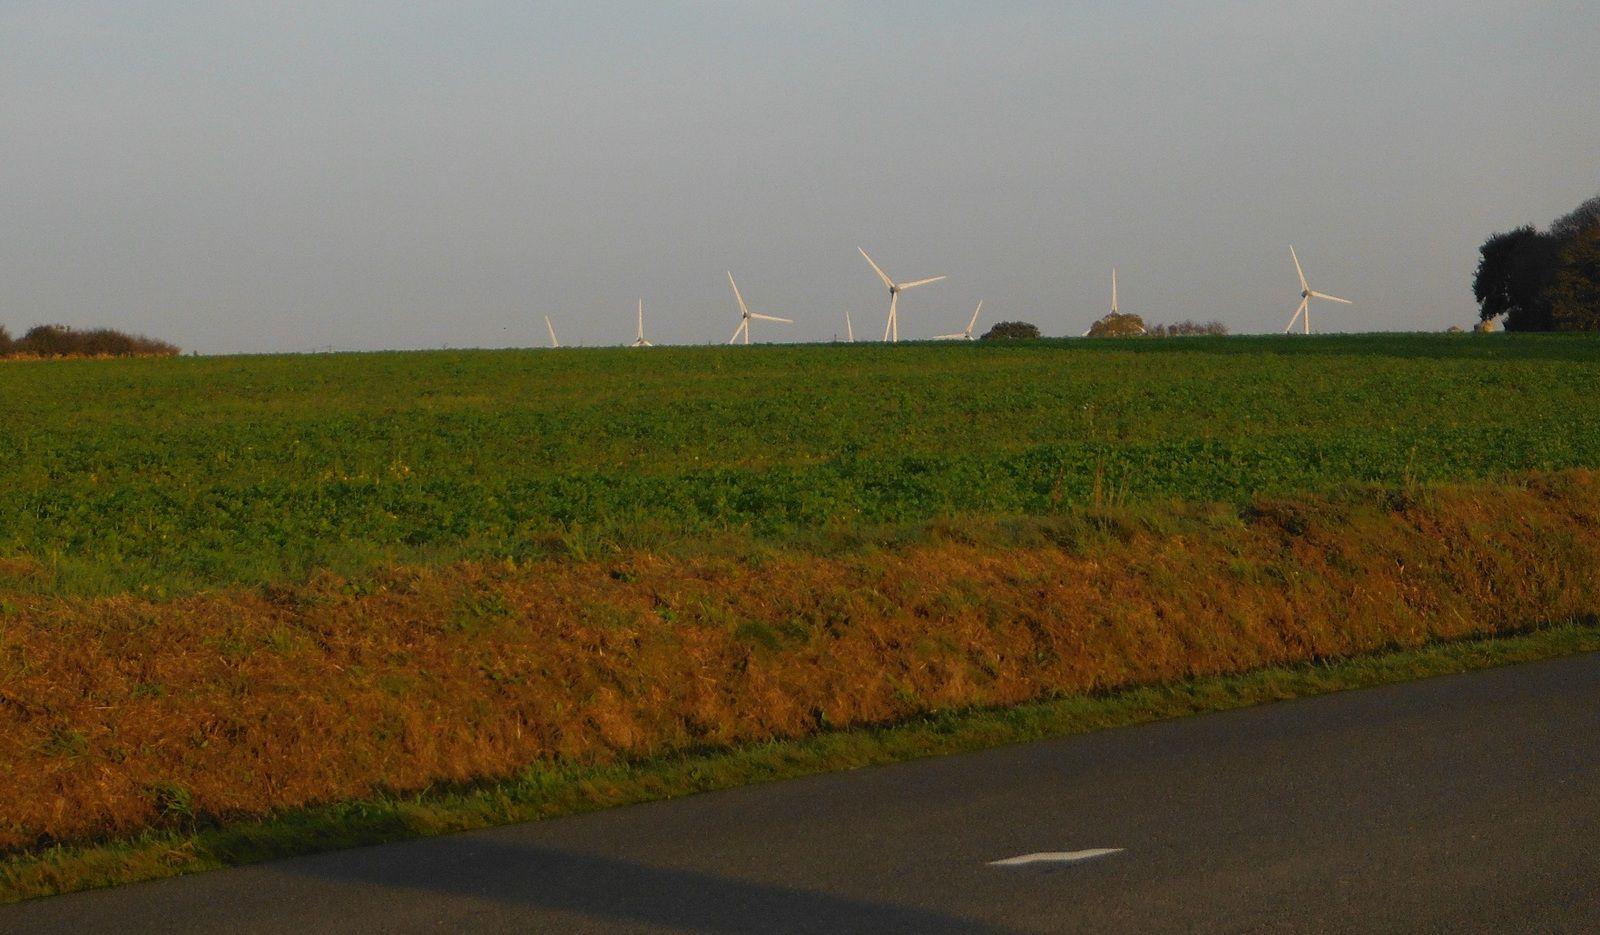 Le moulin à vent, ancêtre de l'éolienne, est cependant plus joli.